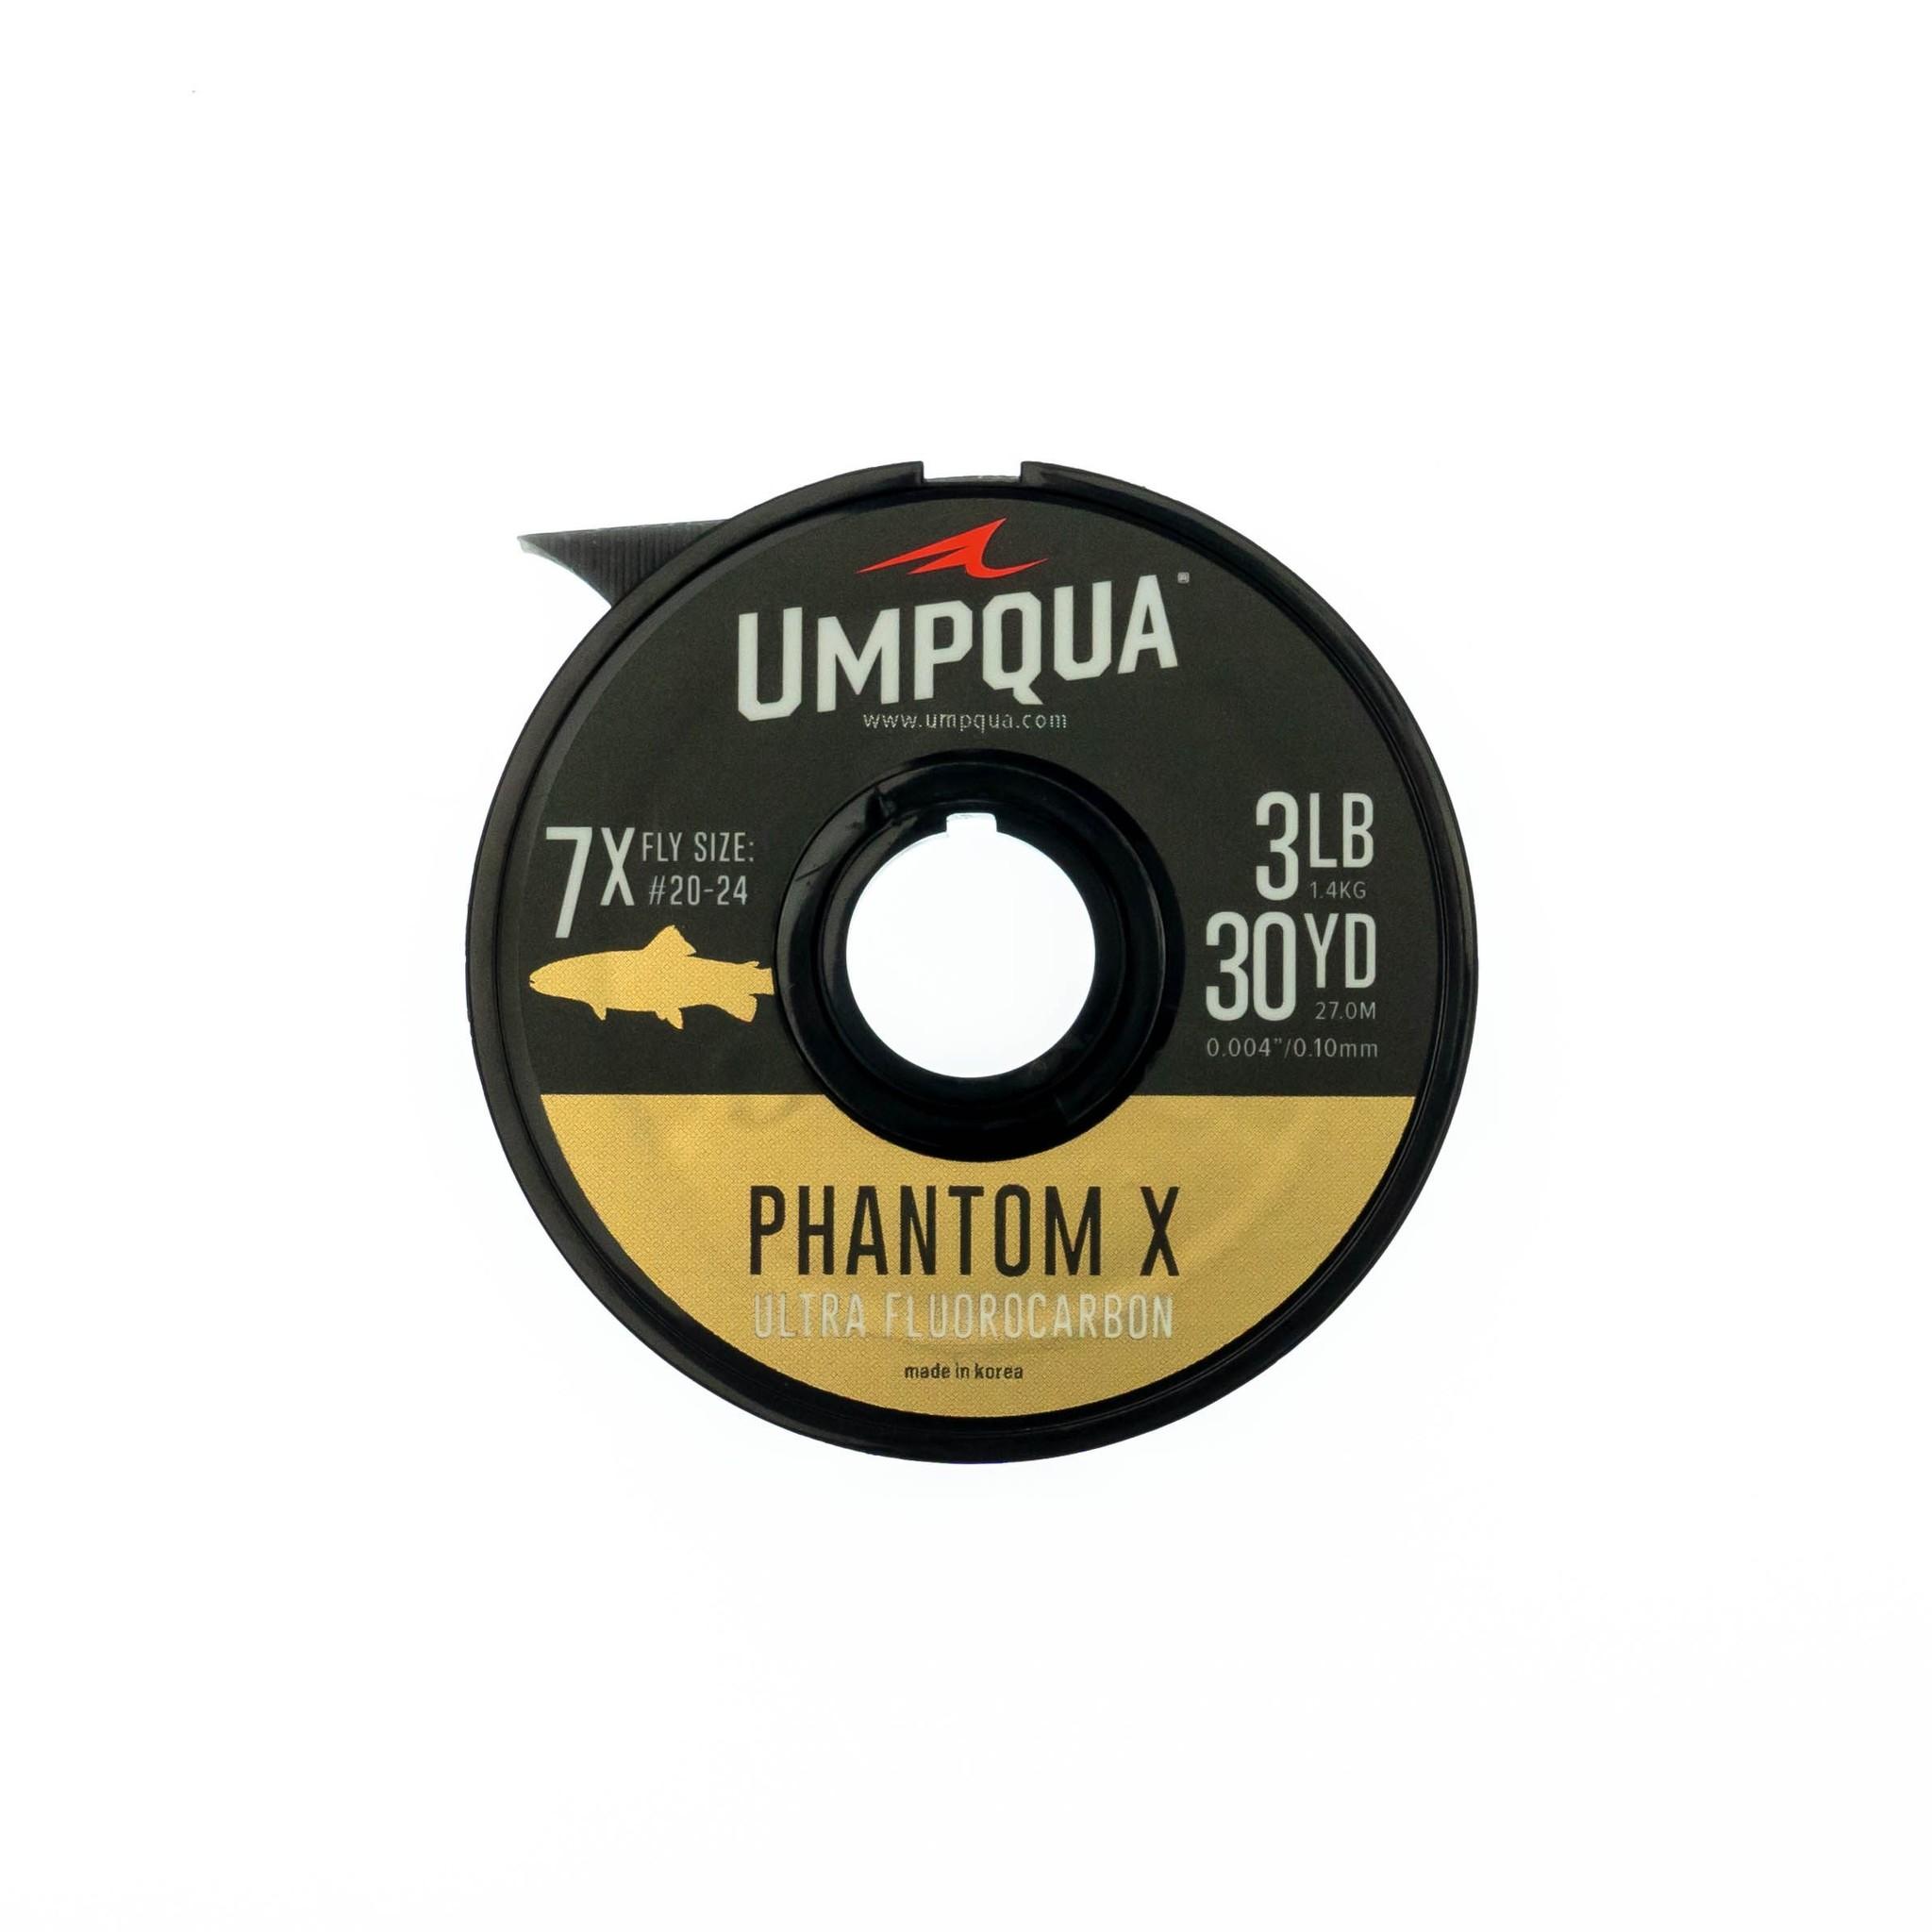 UMPQUA Umpqua Phantom X Ultra Fluorocarbon